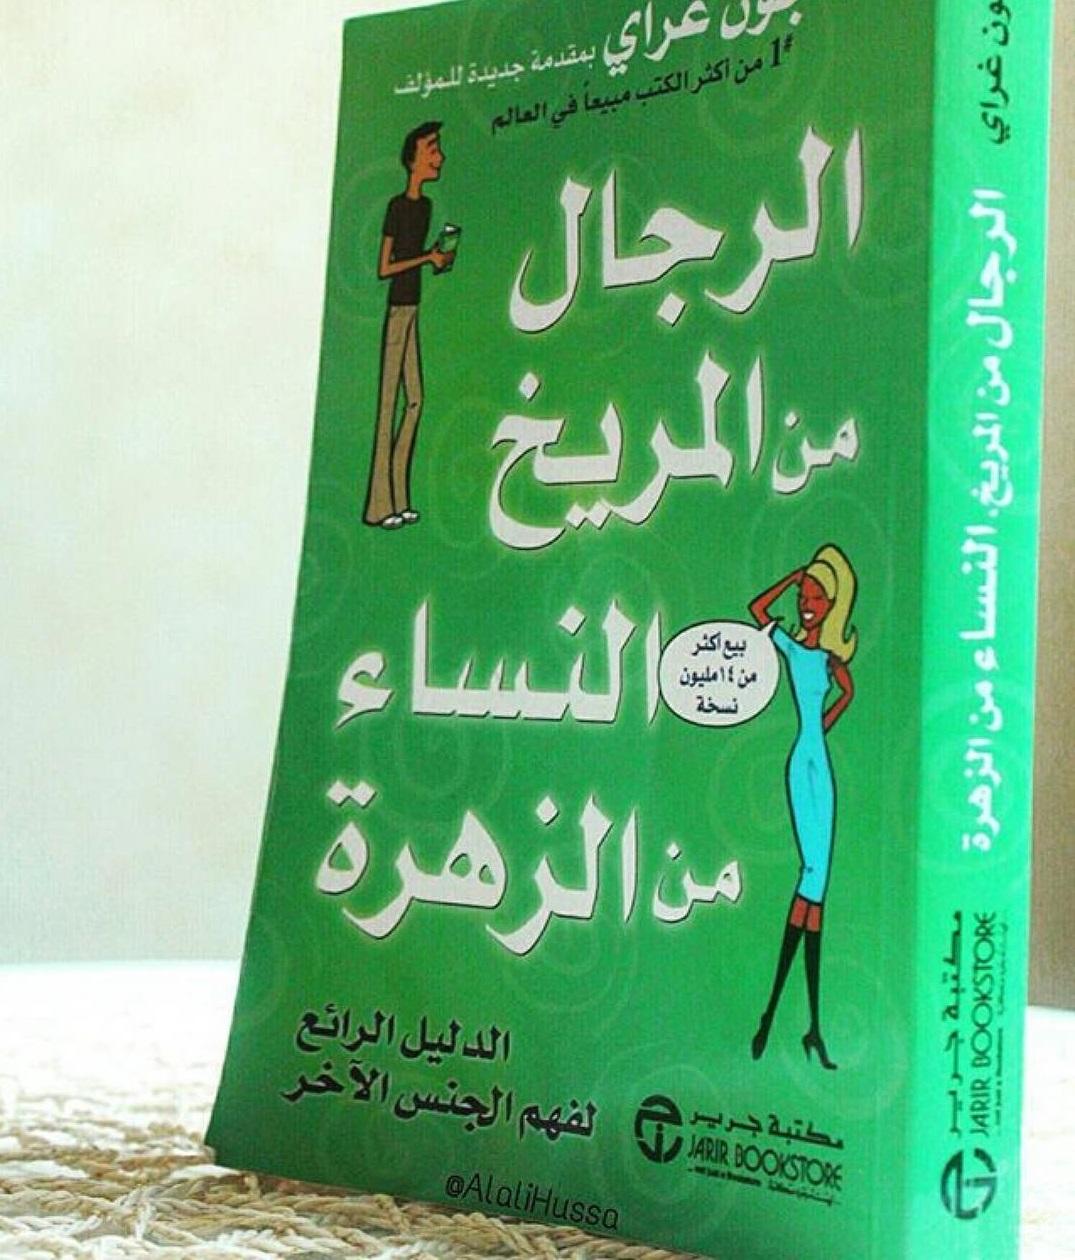 ملخص كتاب الرجال من المريخ والنساء من الزهرة